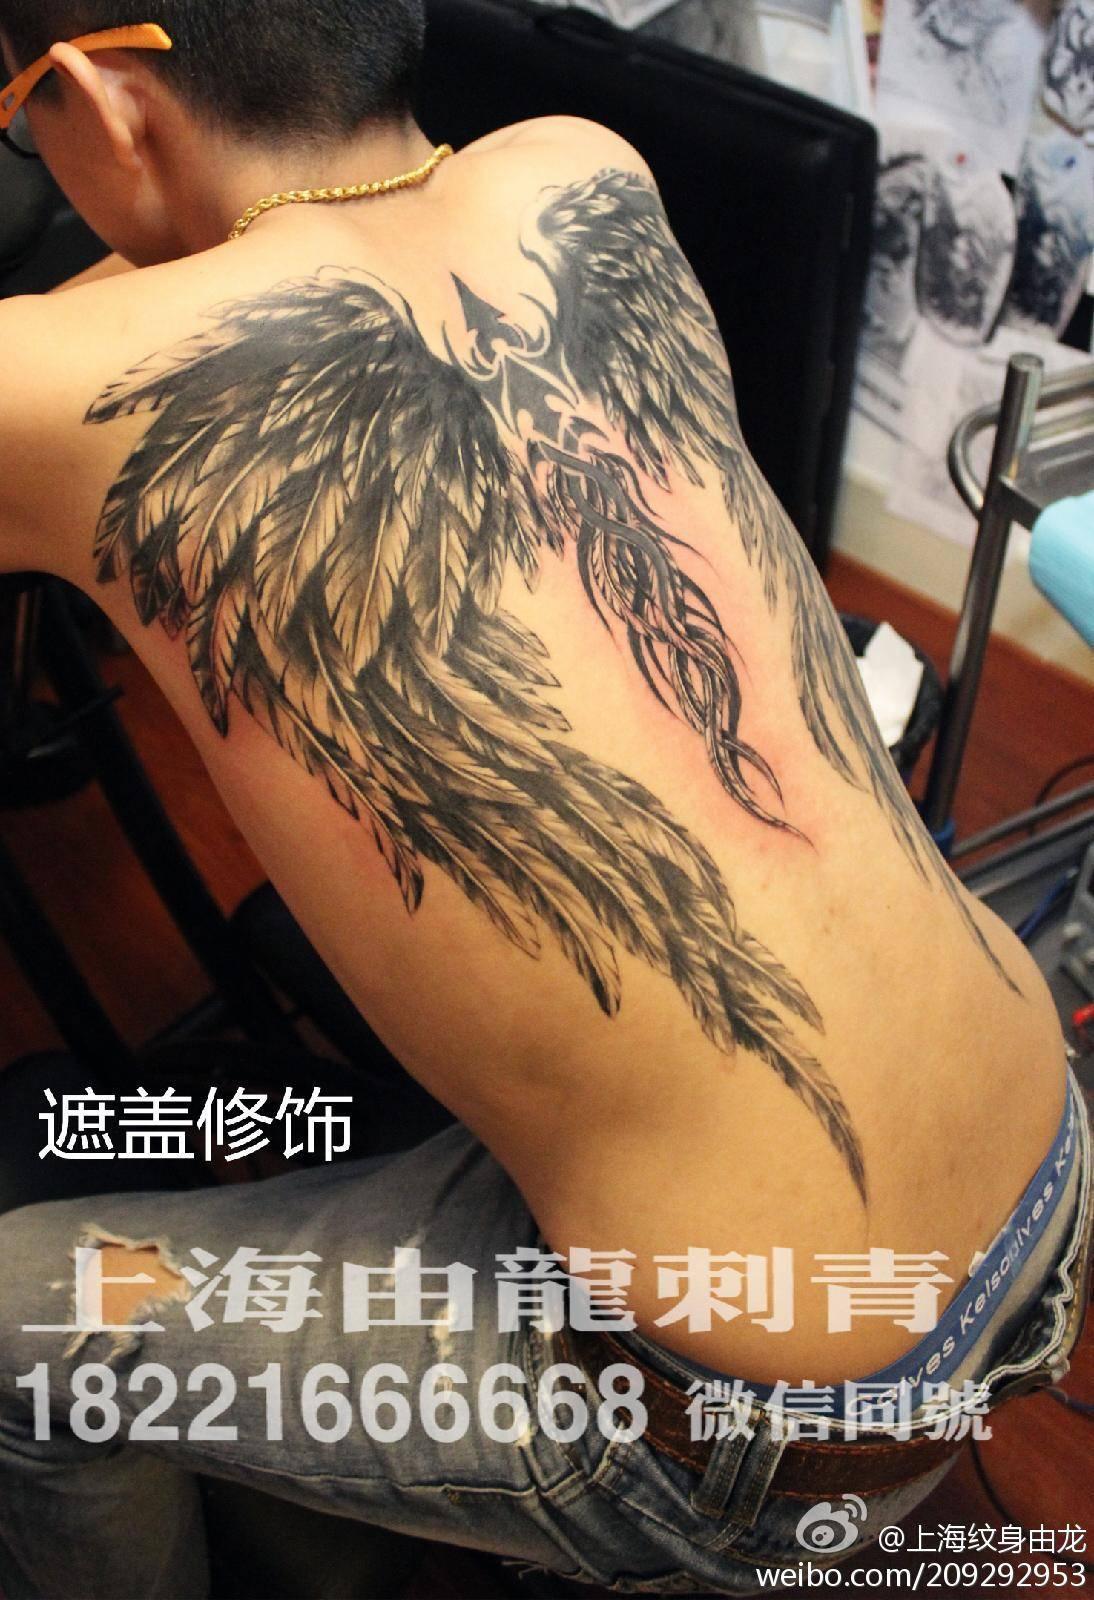 后背翅膀纹身